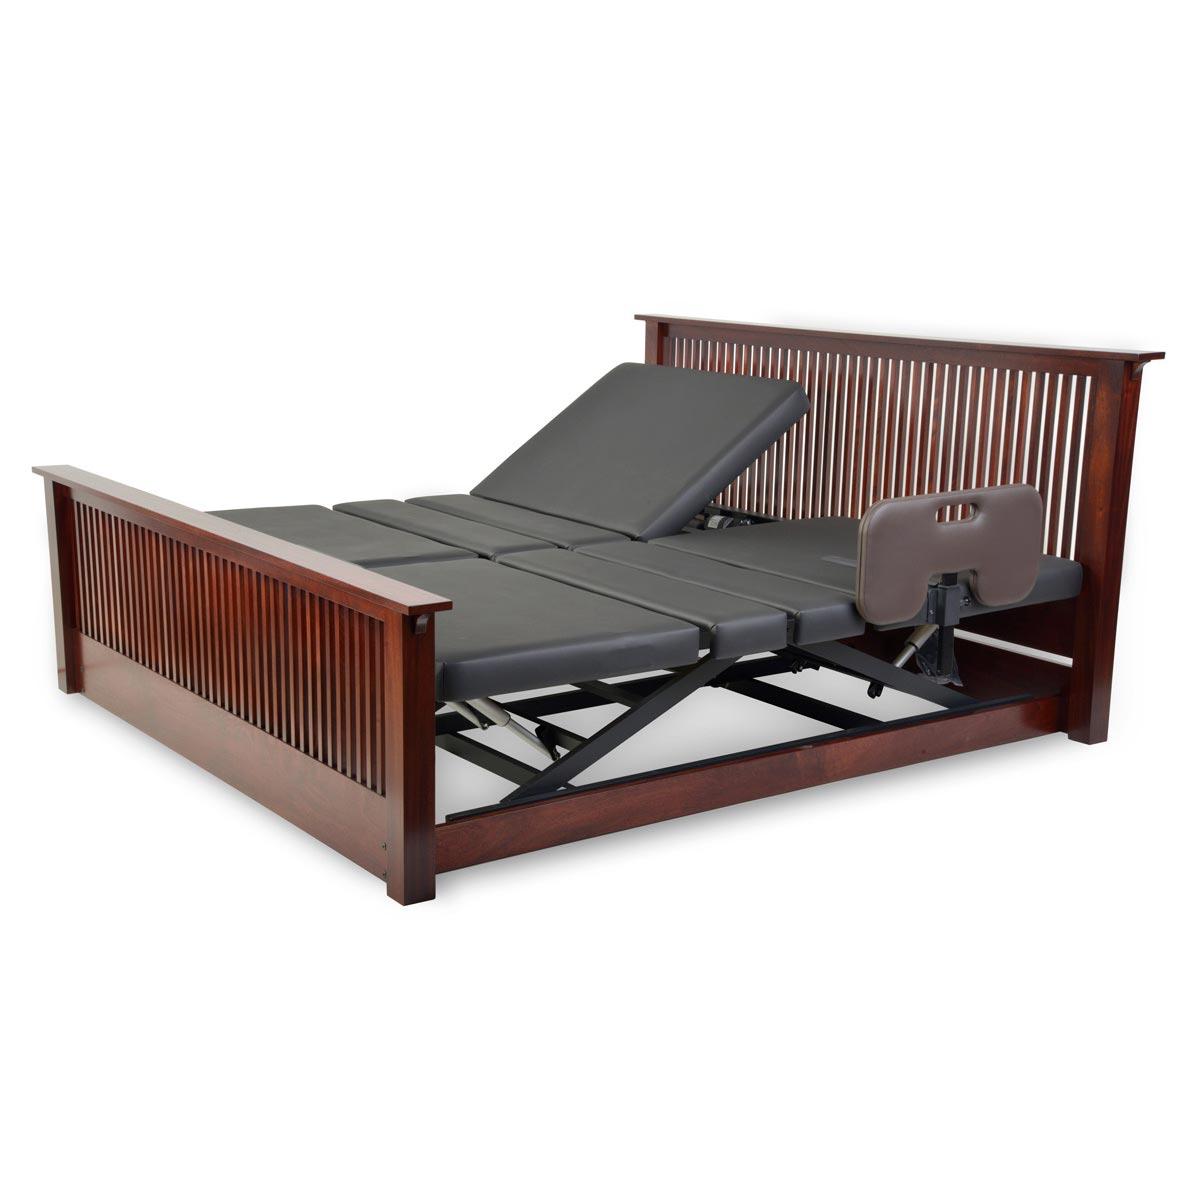 Assured Comfort Platform Series Adjustable Bed | Medicaleshop